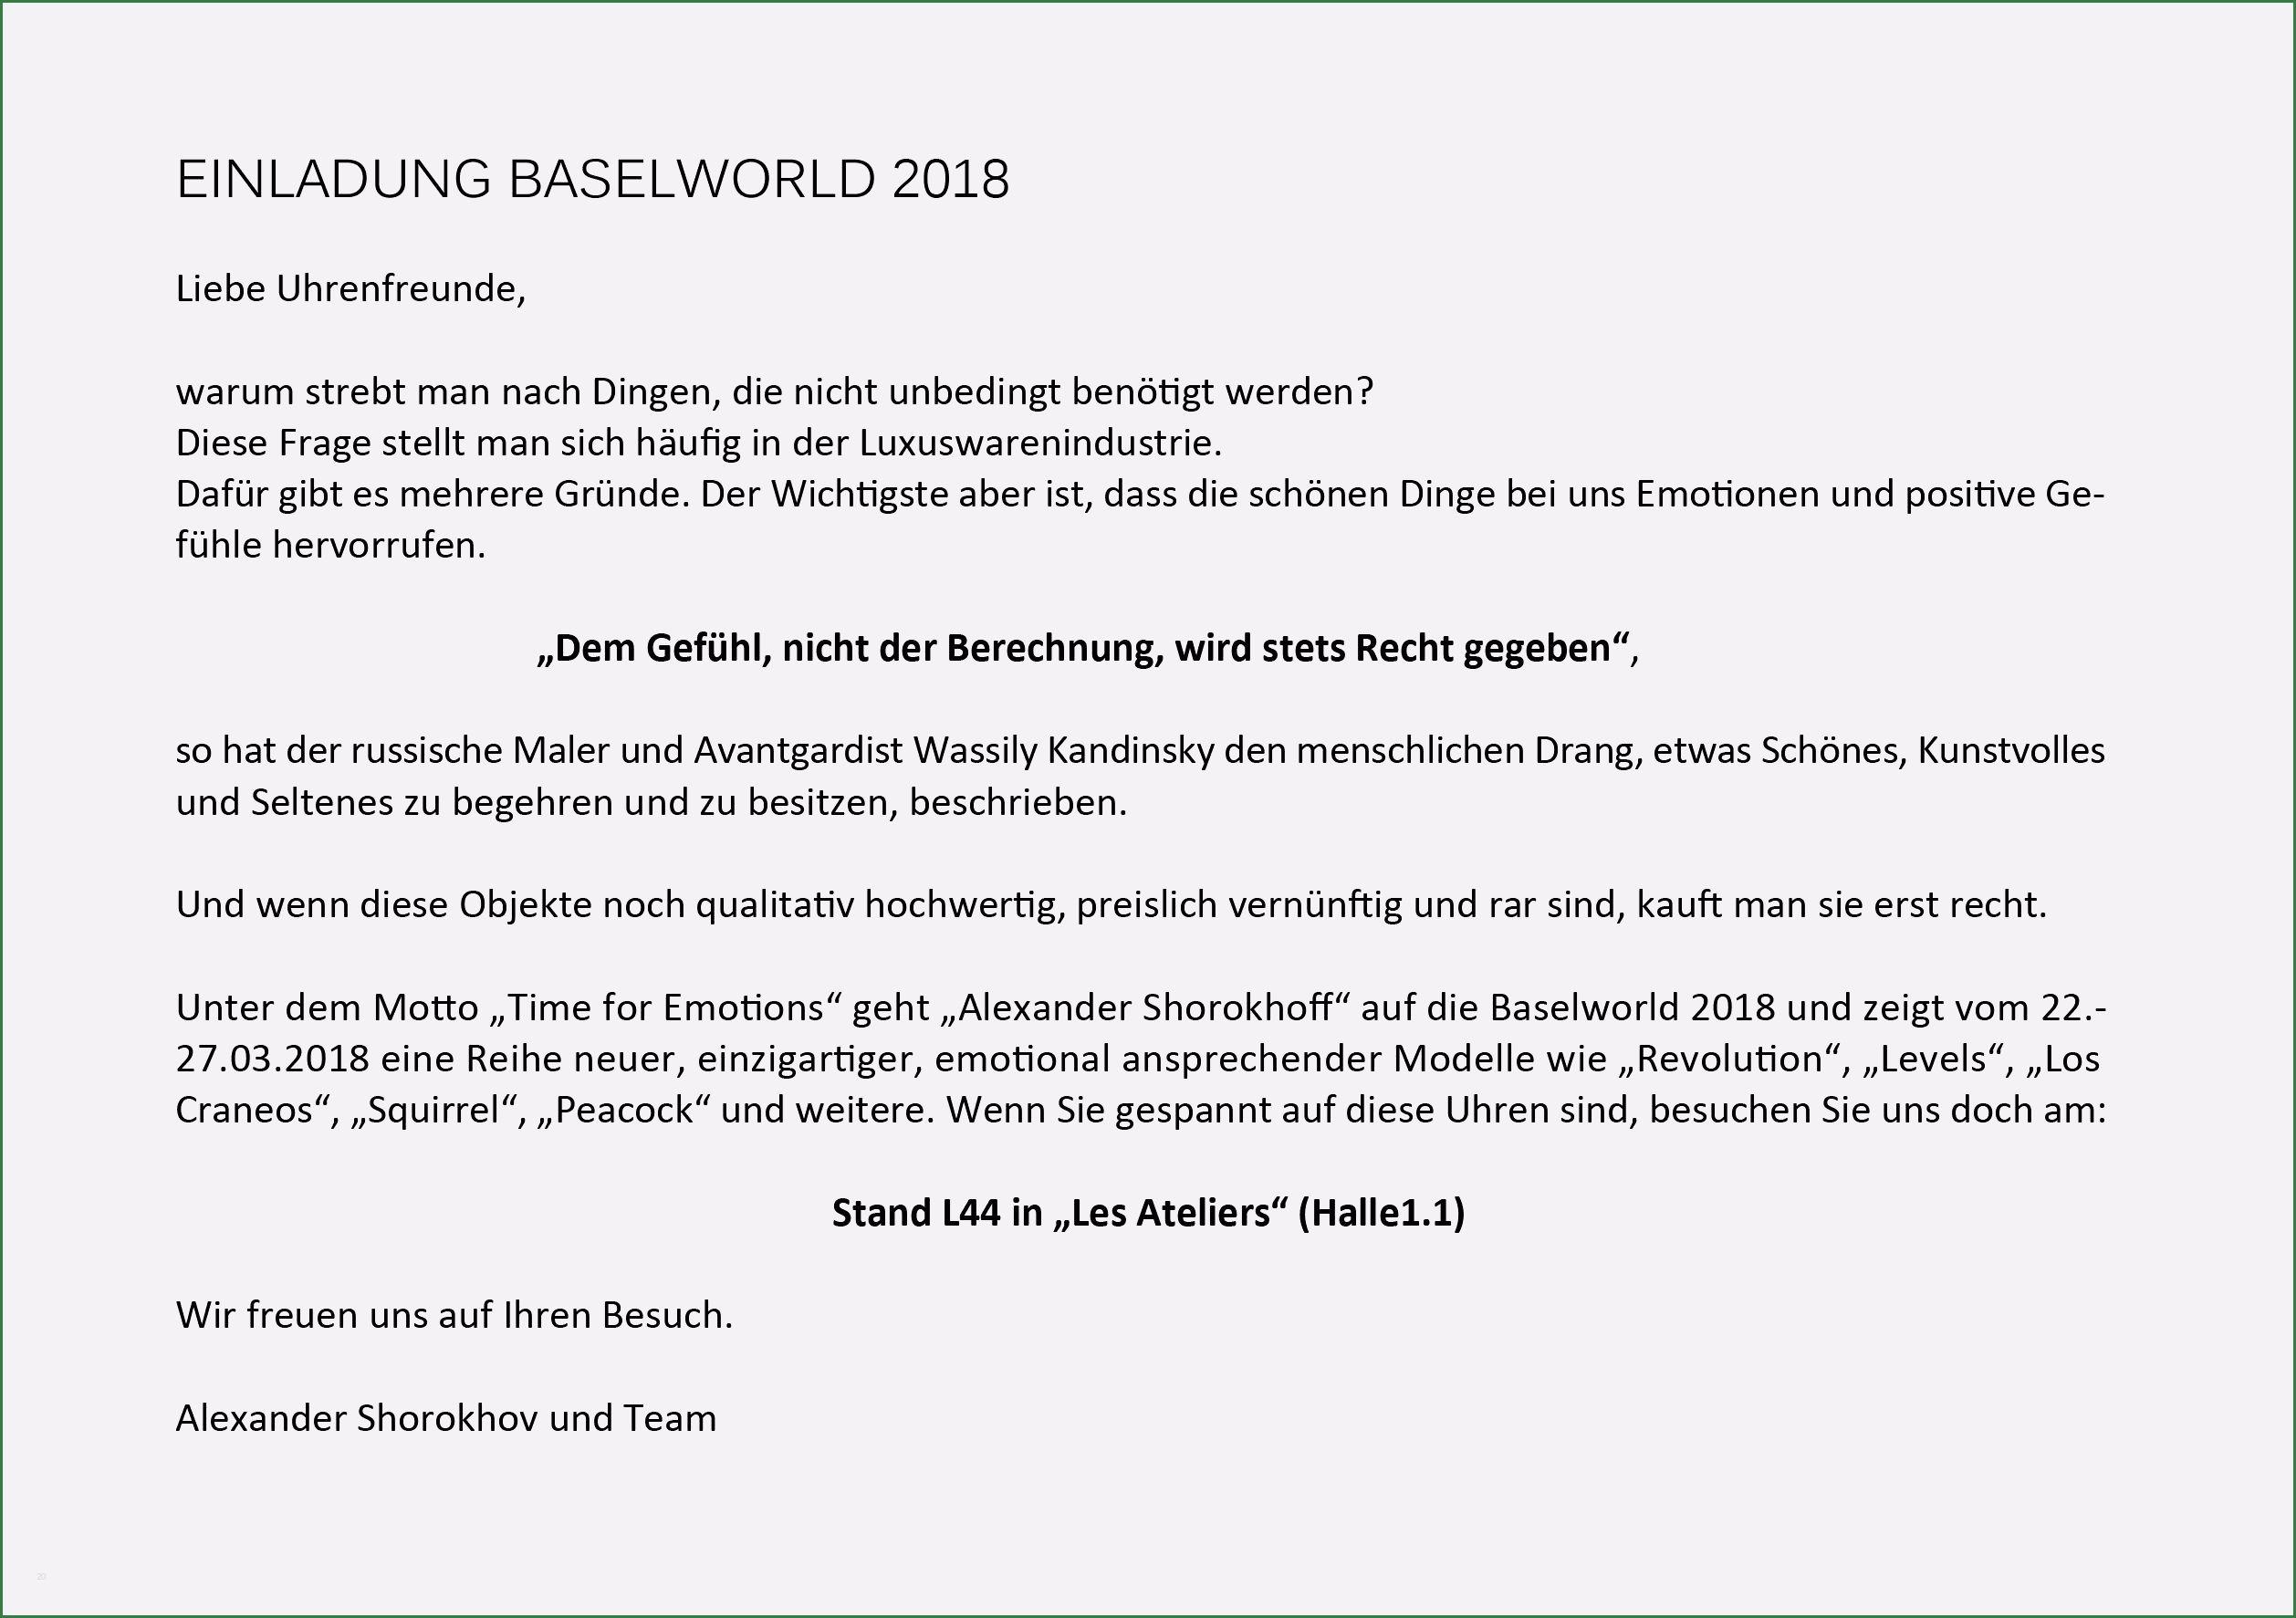 30 Neu Beerdigung Einladung Vorlage Galerie In 2020 Einladungen Vorlagen Briefkopf Vorlage Einladungen